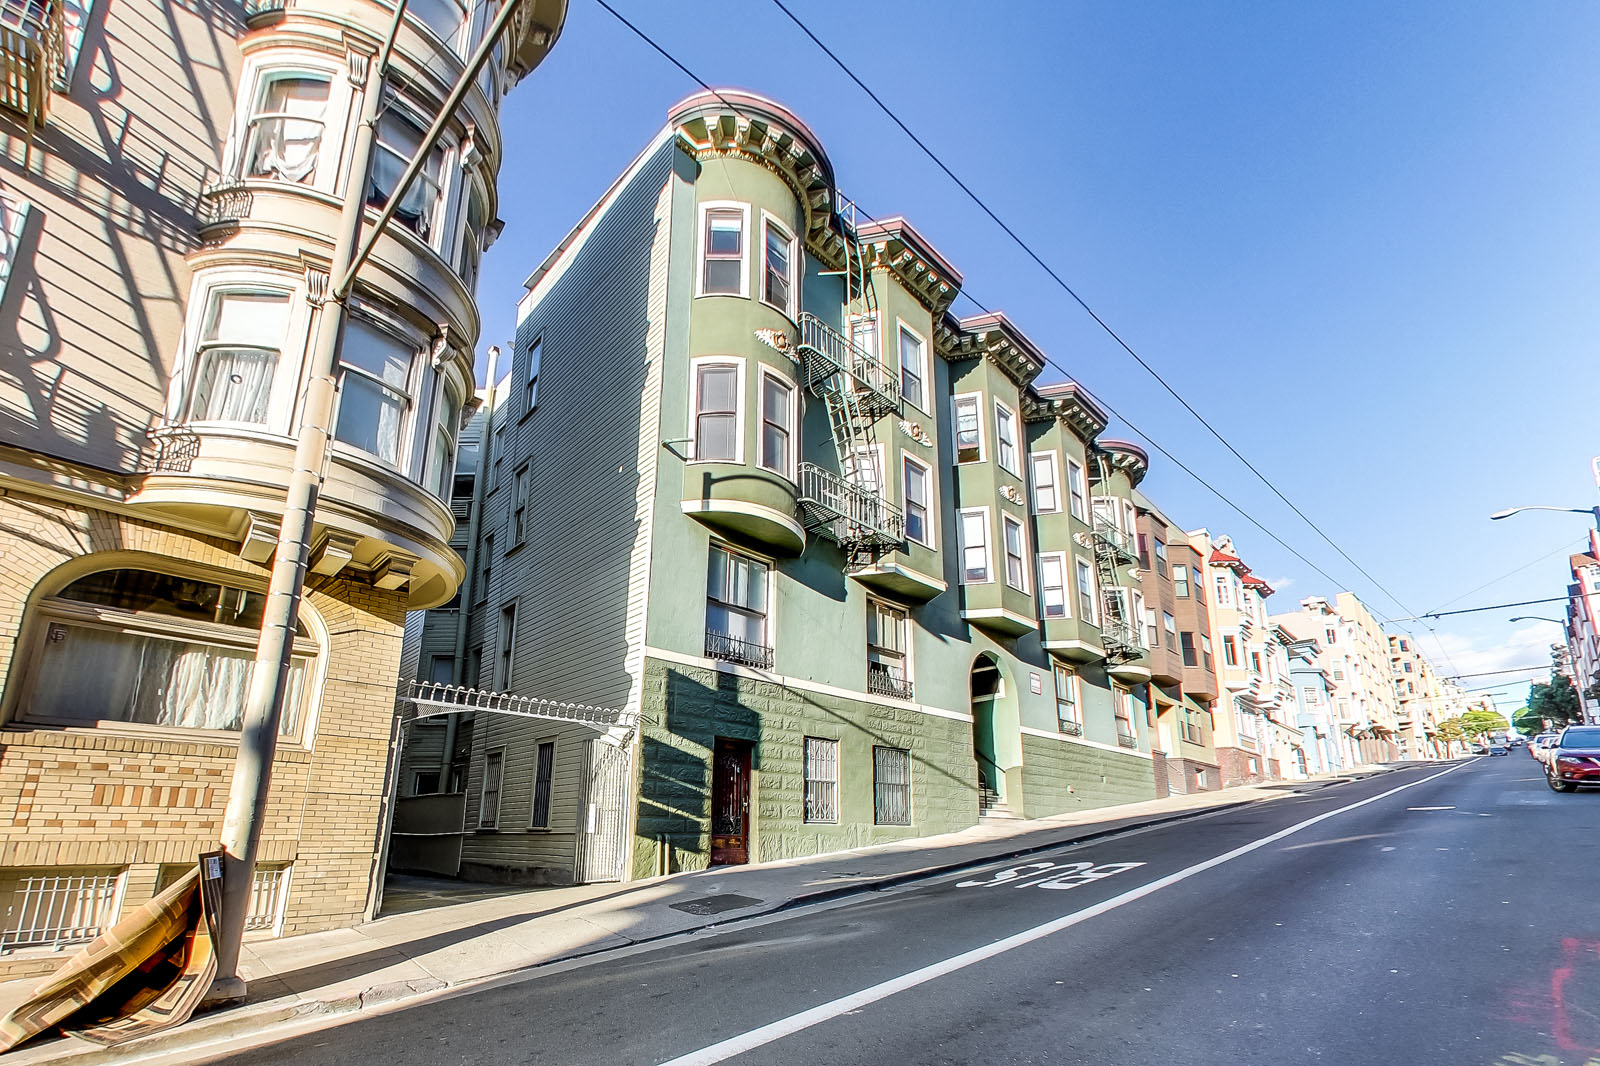 1560 SACRAMENTO Apartments & Suites photogallery 5